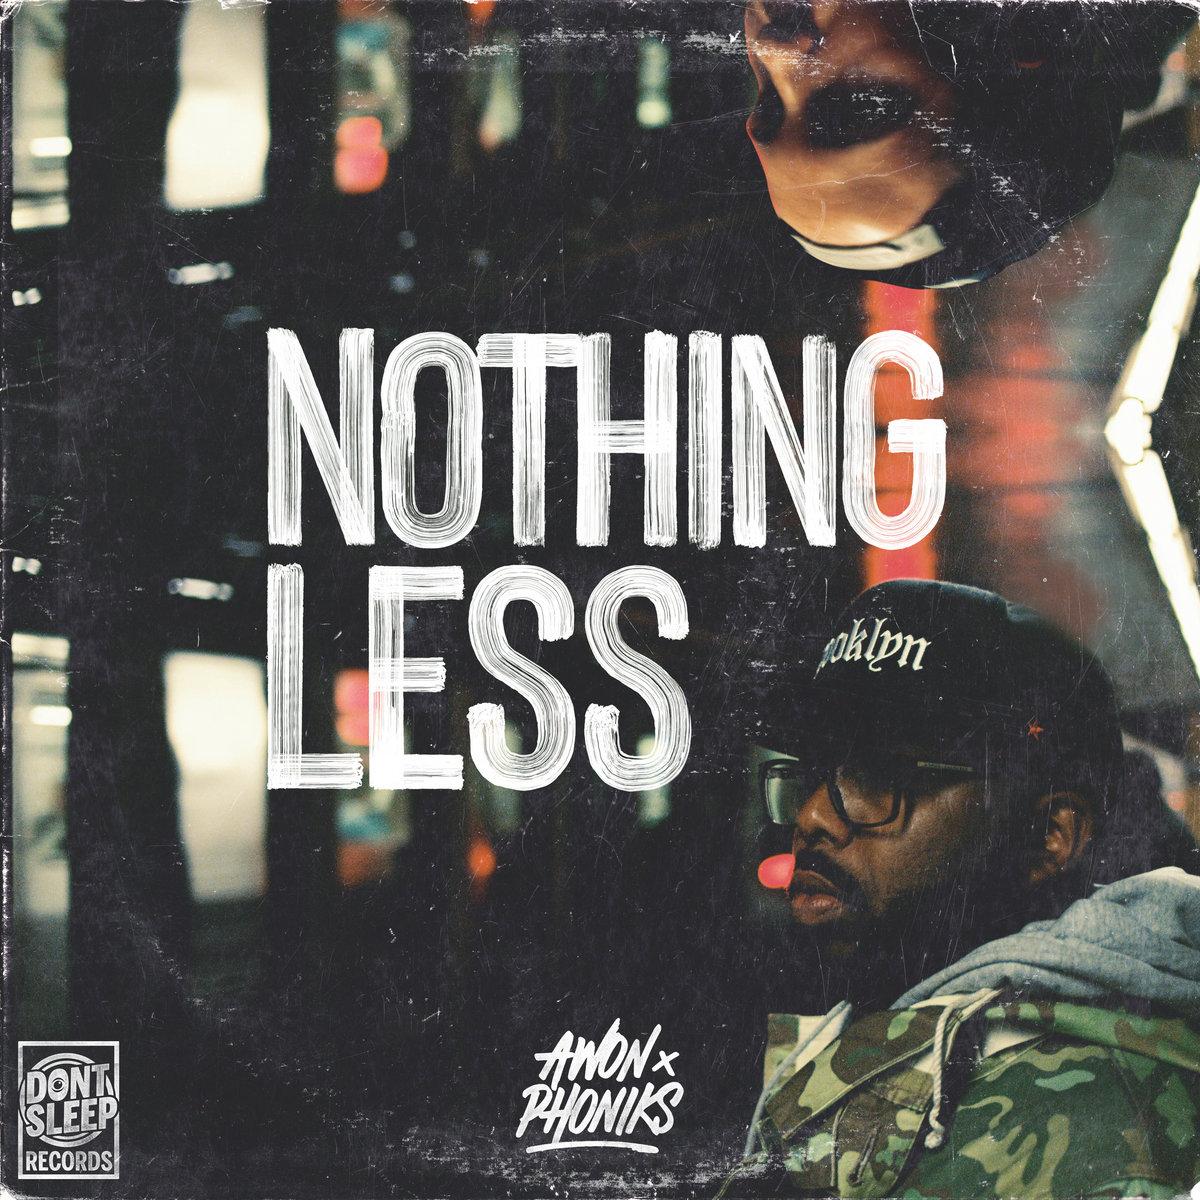 Awon & Phoniks melden sich mit ihrem neuen Album Nothing Less zurück | Full Album Stream & Vinyltipp